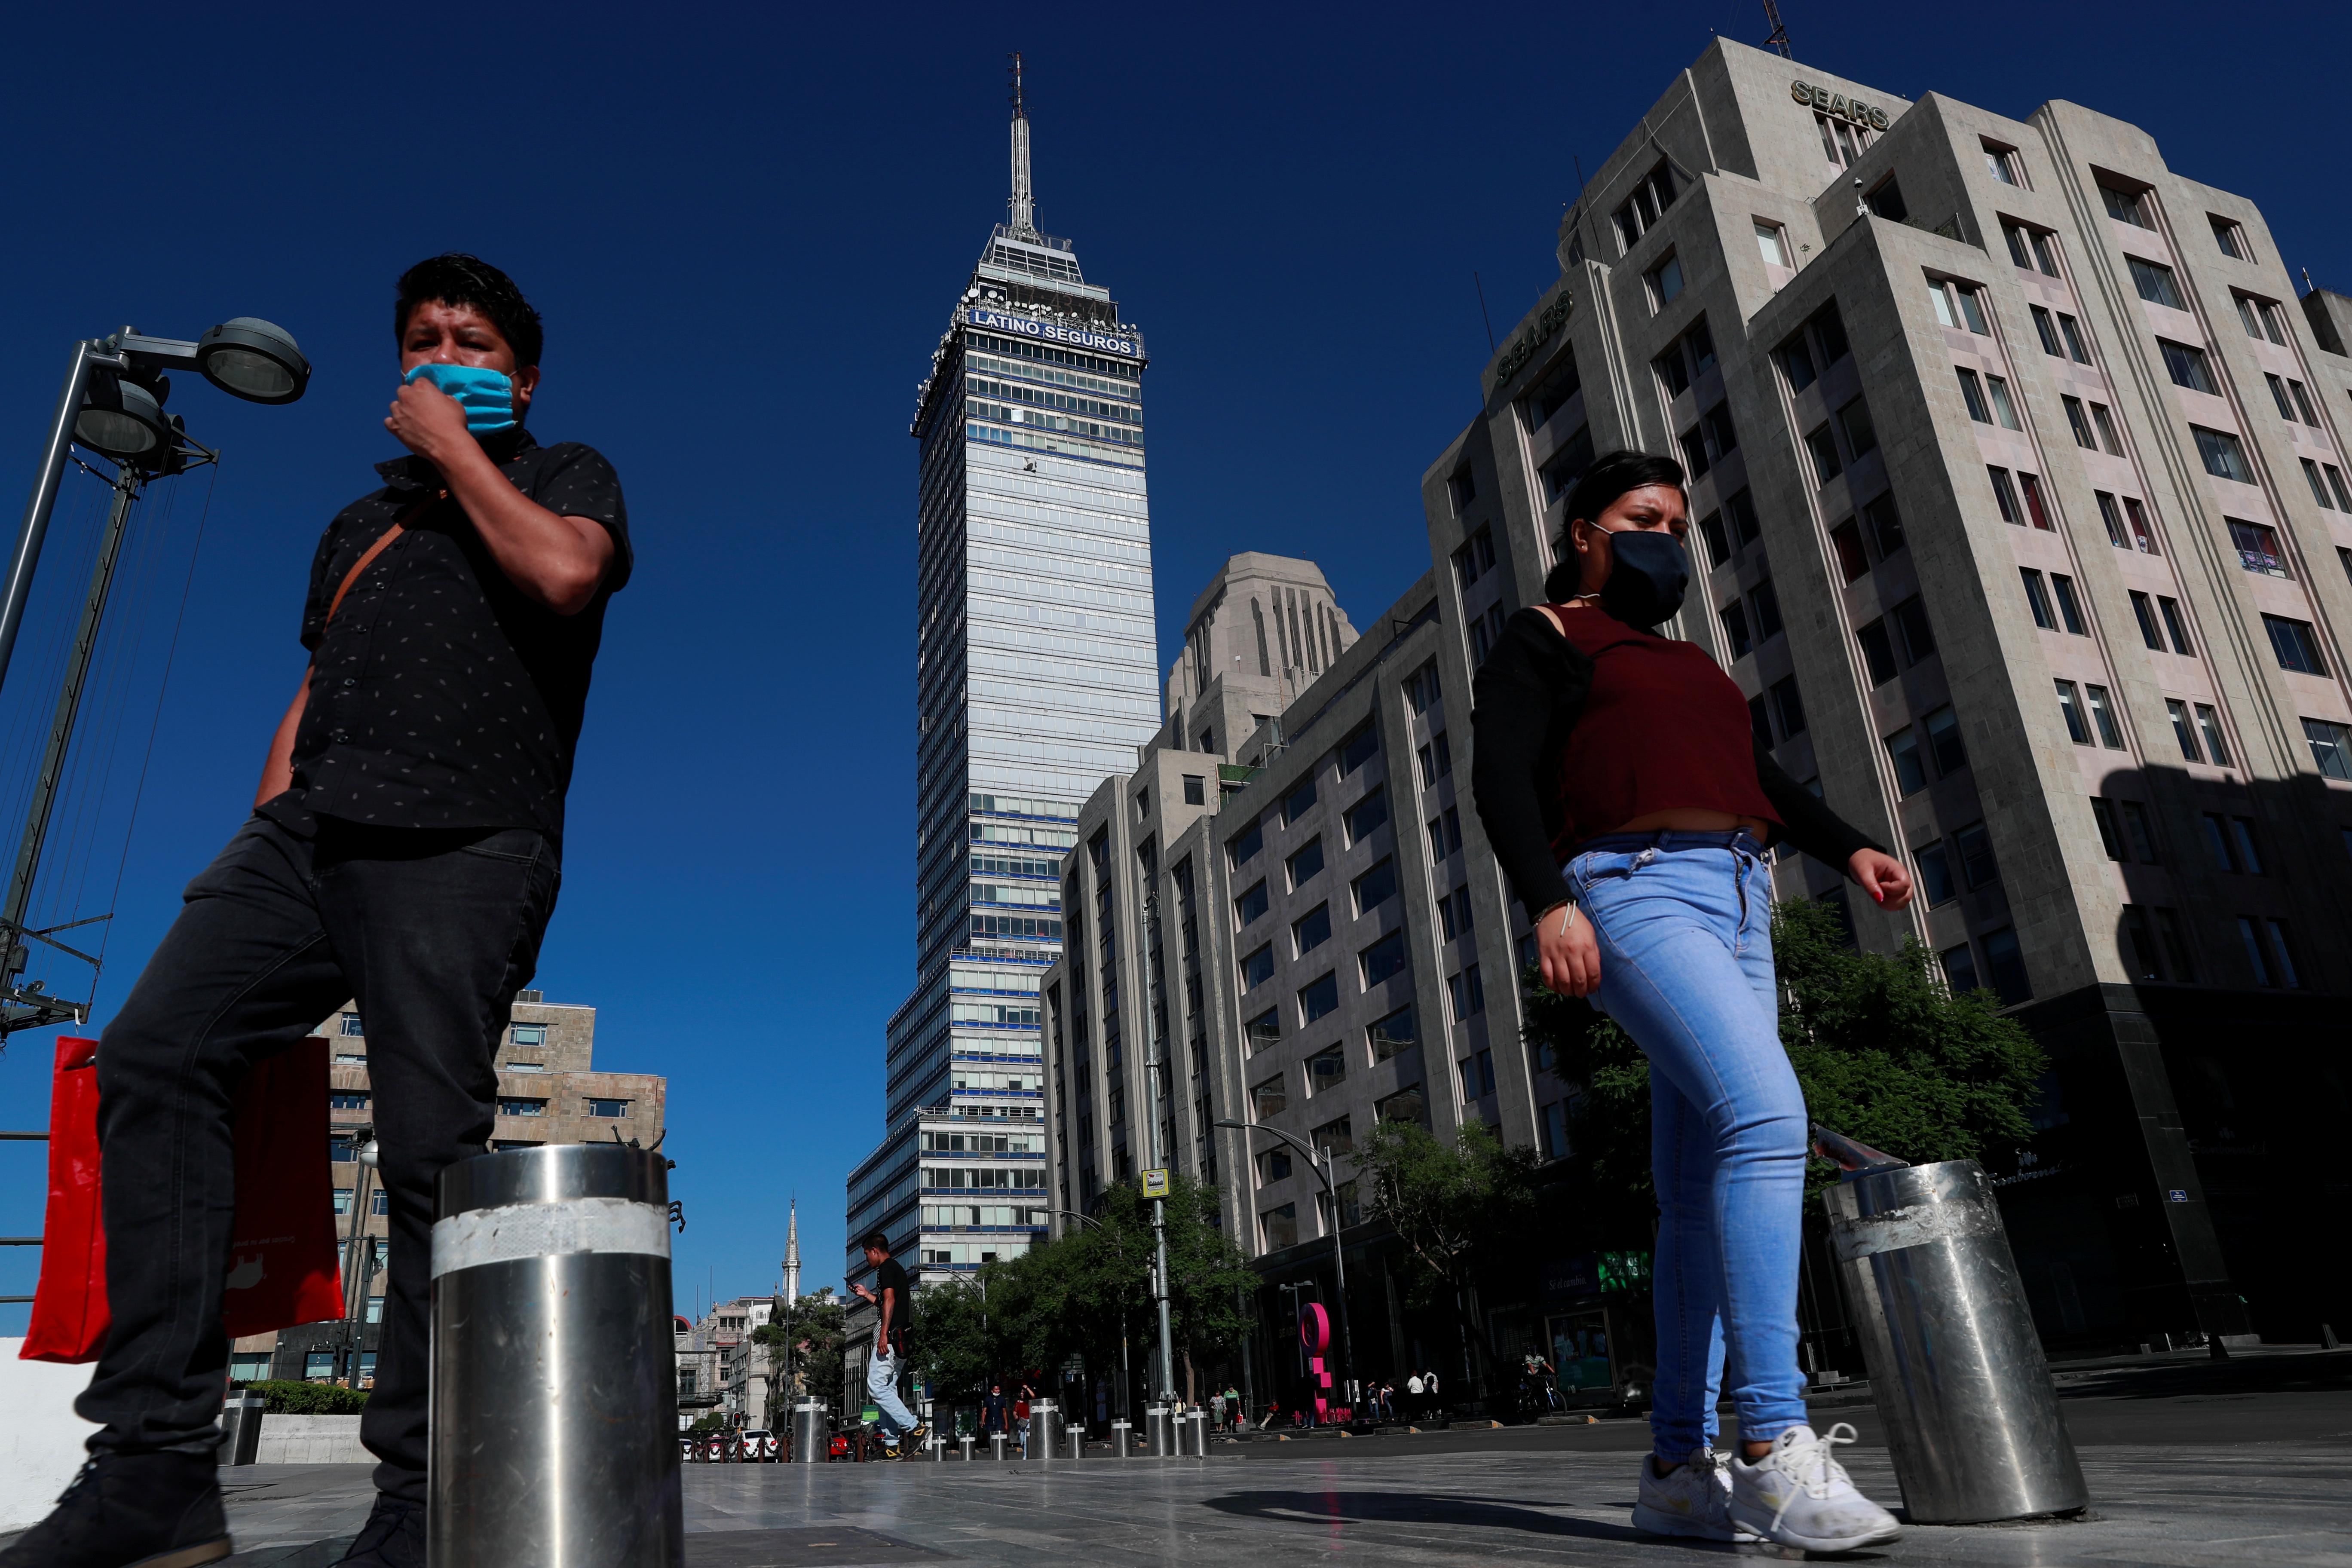 La gente camina a lo largo del Parque Central de la Alameda después de que fue reabierta al público mientras el brote de la enfermedad por coronavirus (COVID-19) continúa en la Ciudad de México, México, 14 de junio de 2020. Foto: Reuters.